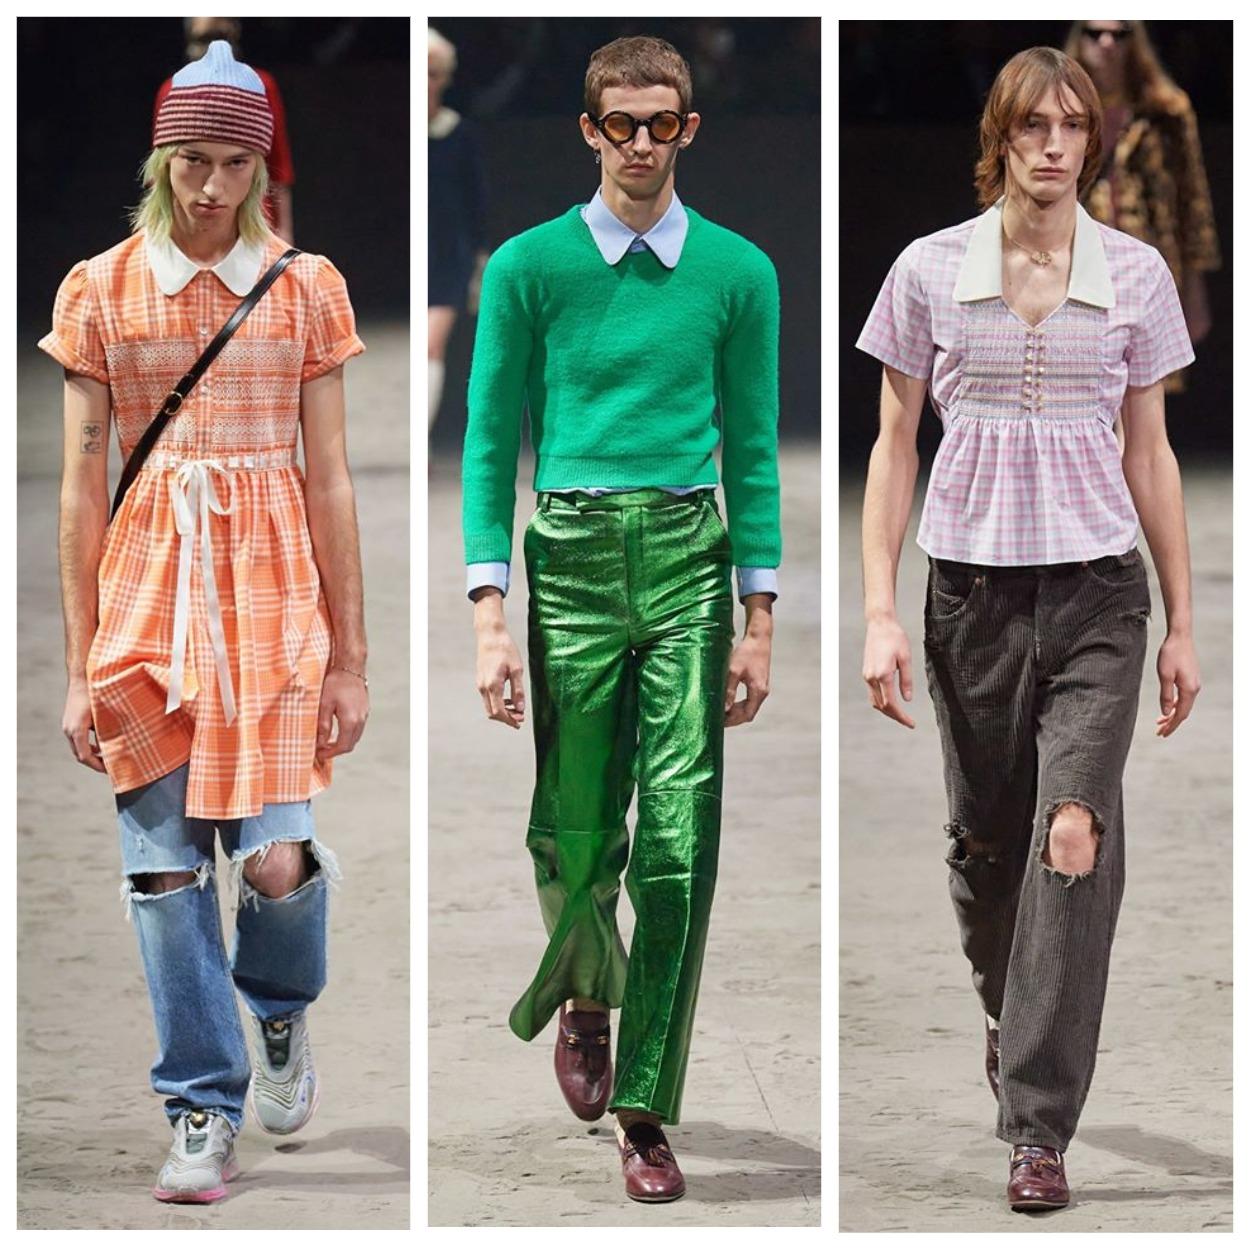 Що модного підготували у Gucci для чоловіків? Колекція одягу осінь-зима 2020 (ФОТО)